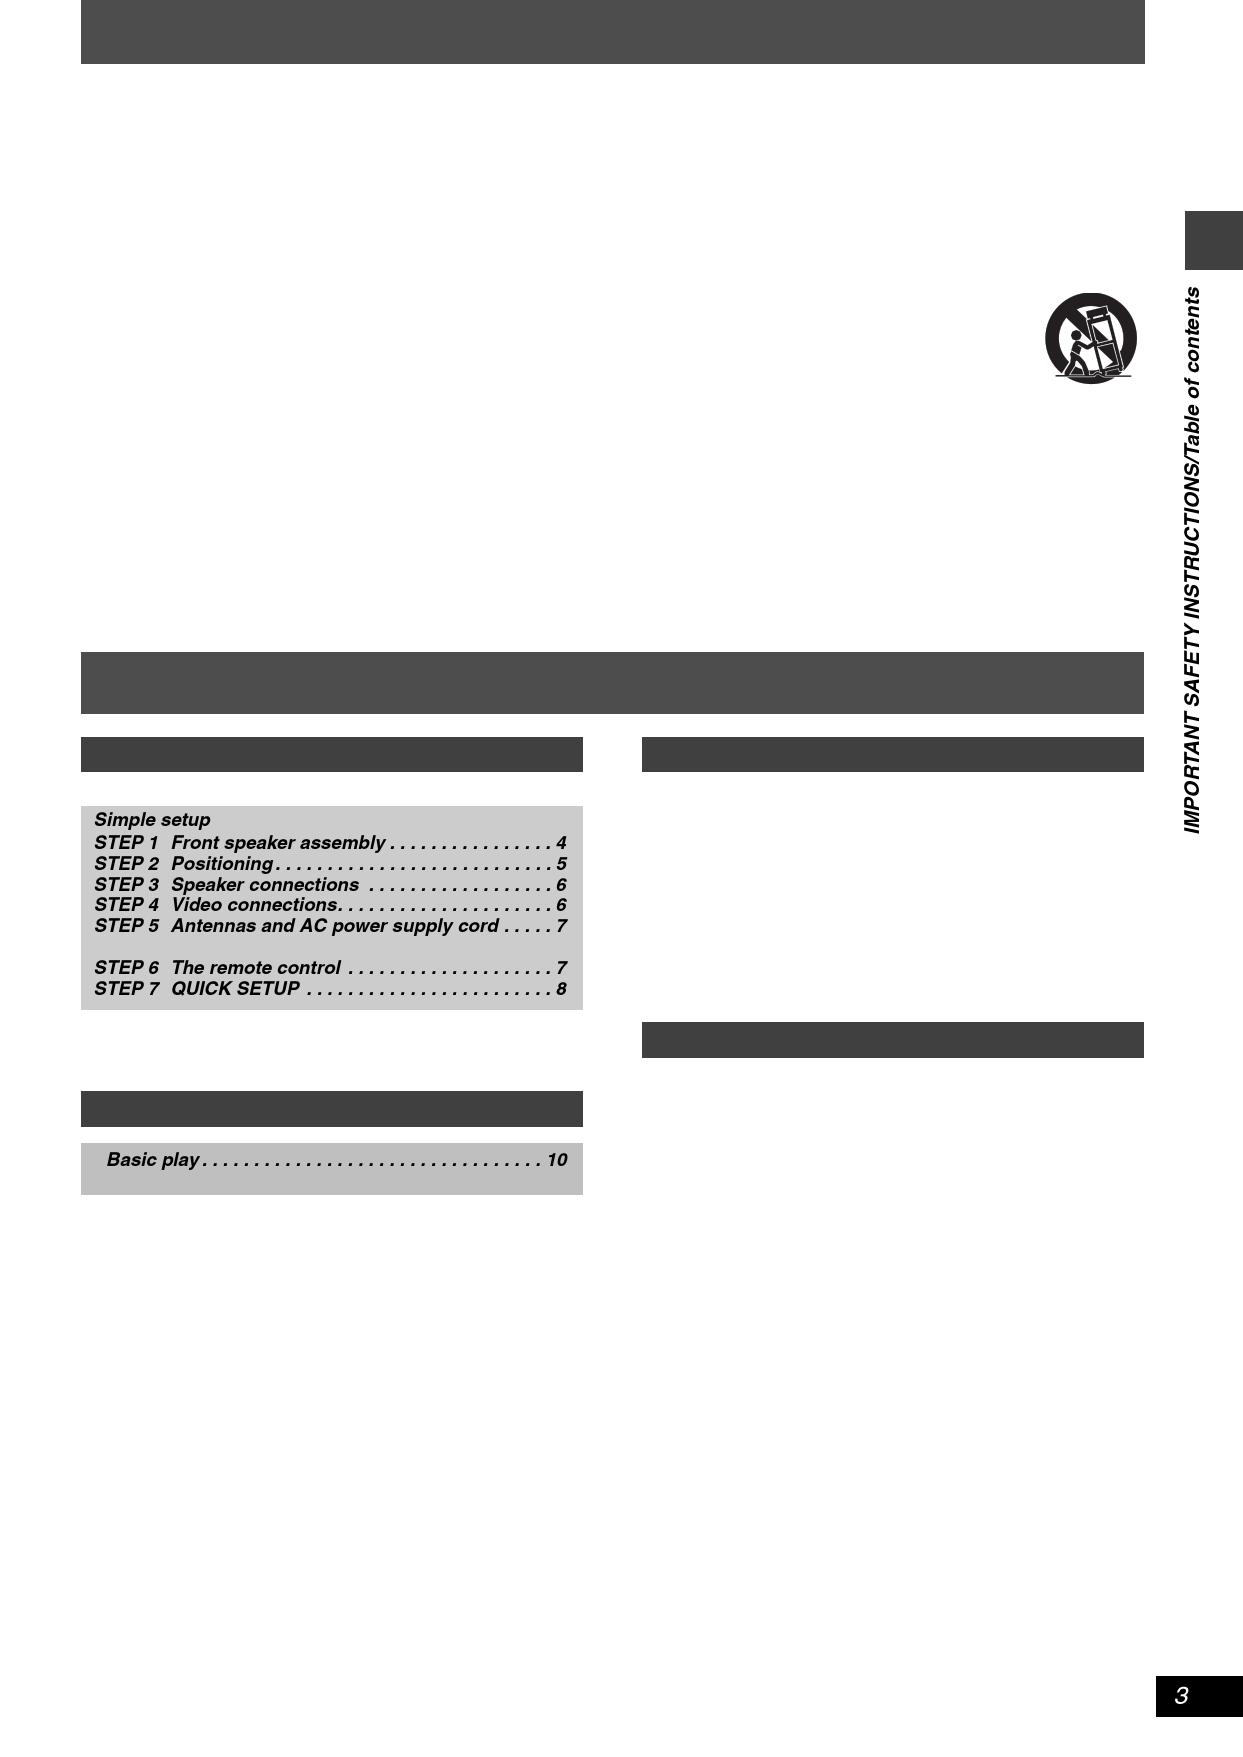 SC-HT680 pdf, ピン配列